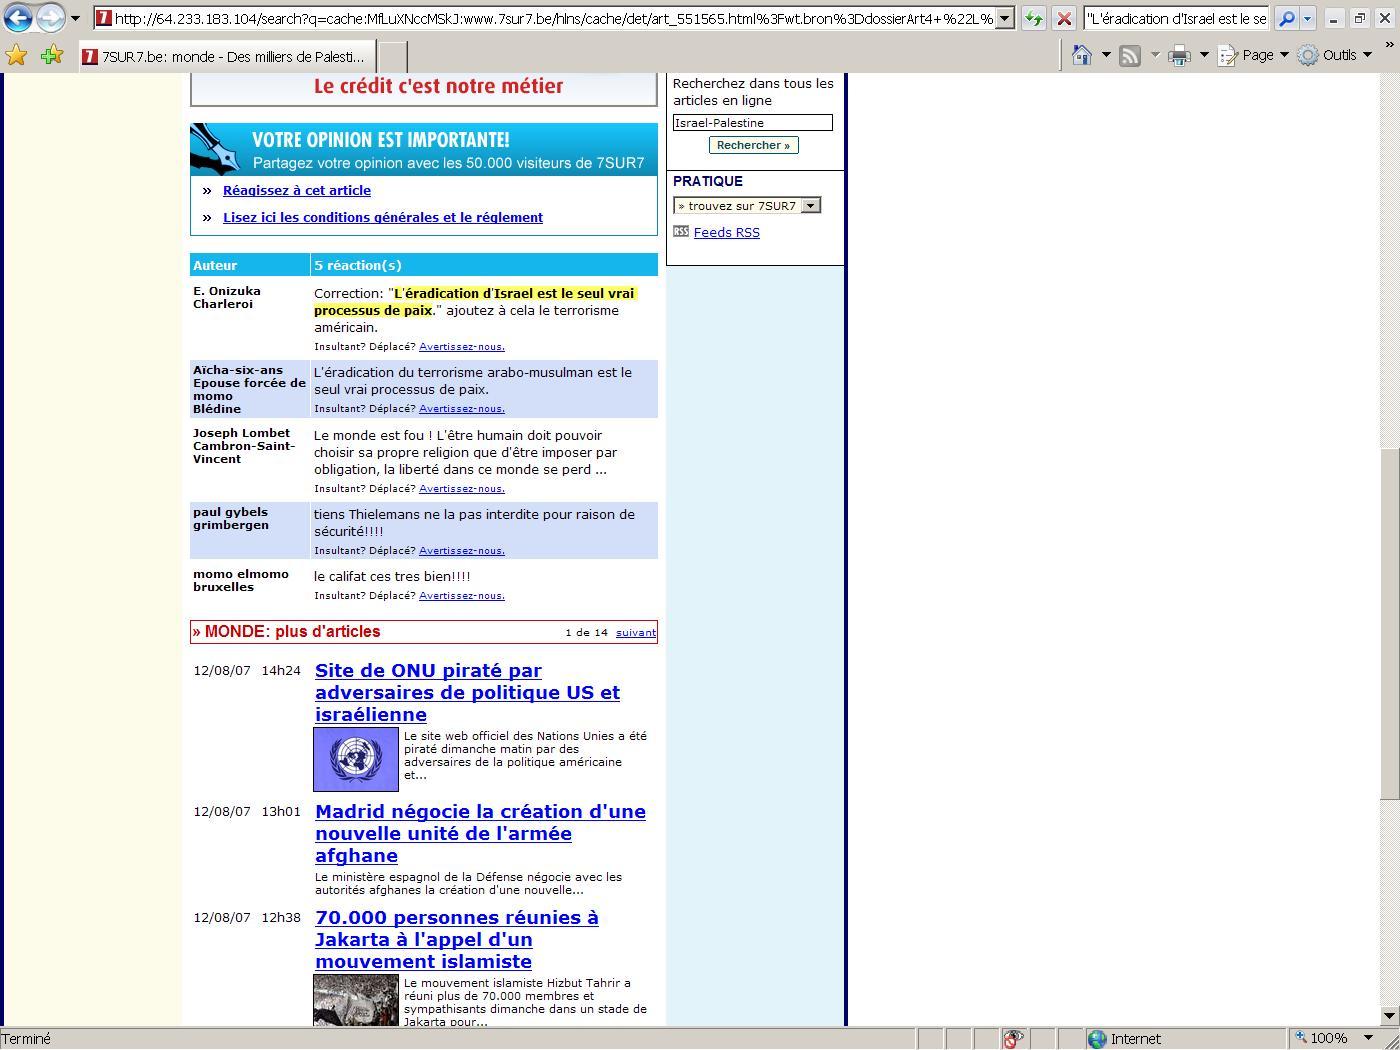 Propos antisémites tenus sur le forum internet de 7sur7